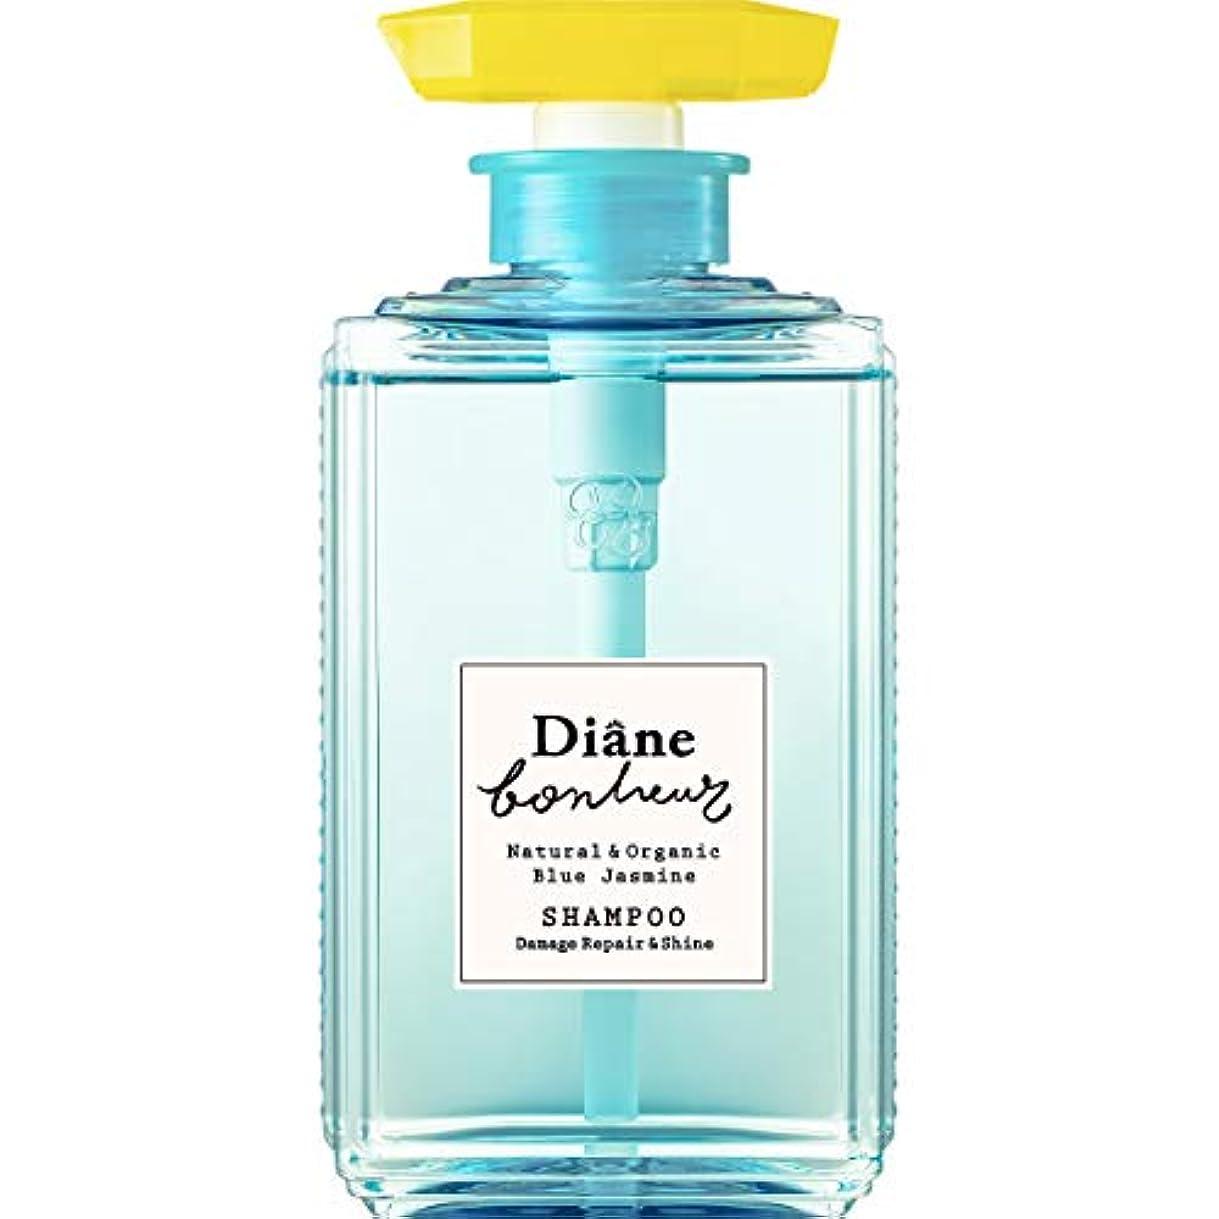 実現可能性成功するすみませんダイアン ボヌール シャンプー ブルージャスミンの香り ダメージリペア&シャイン 500ml